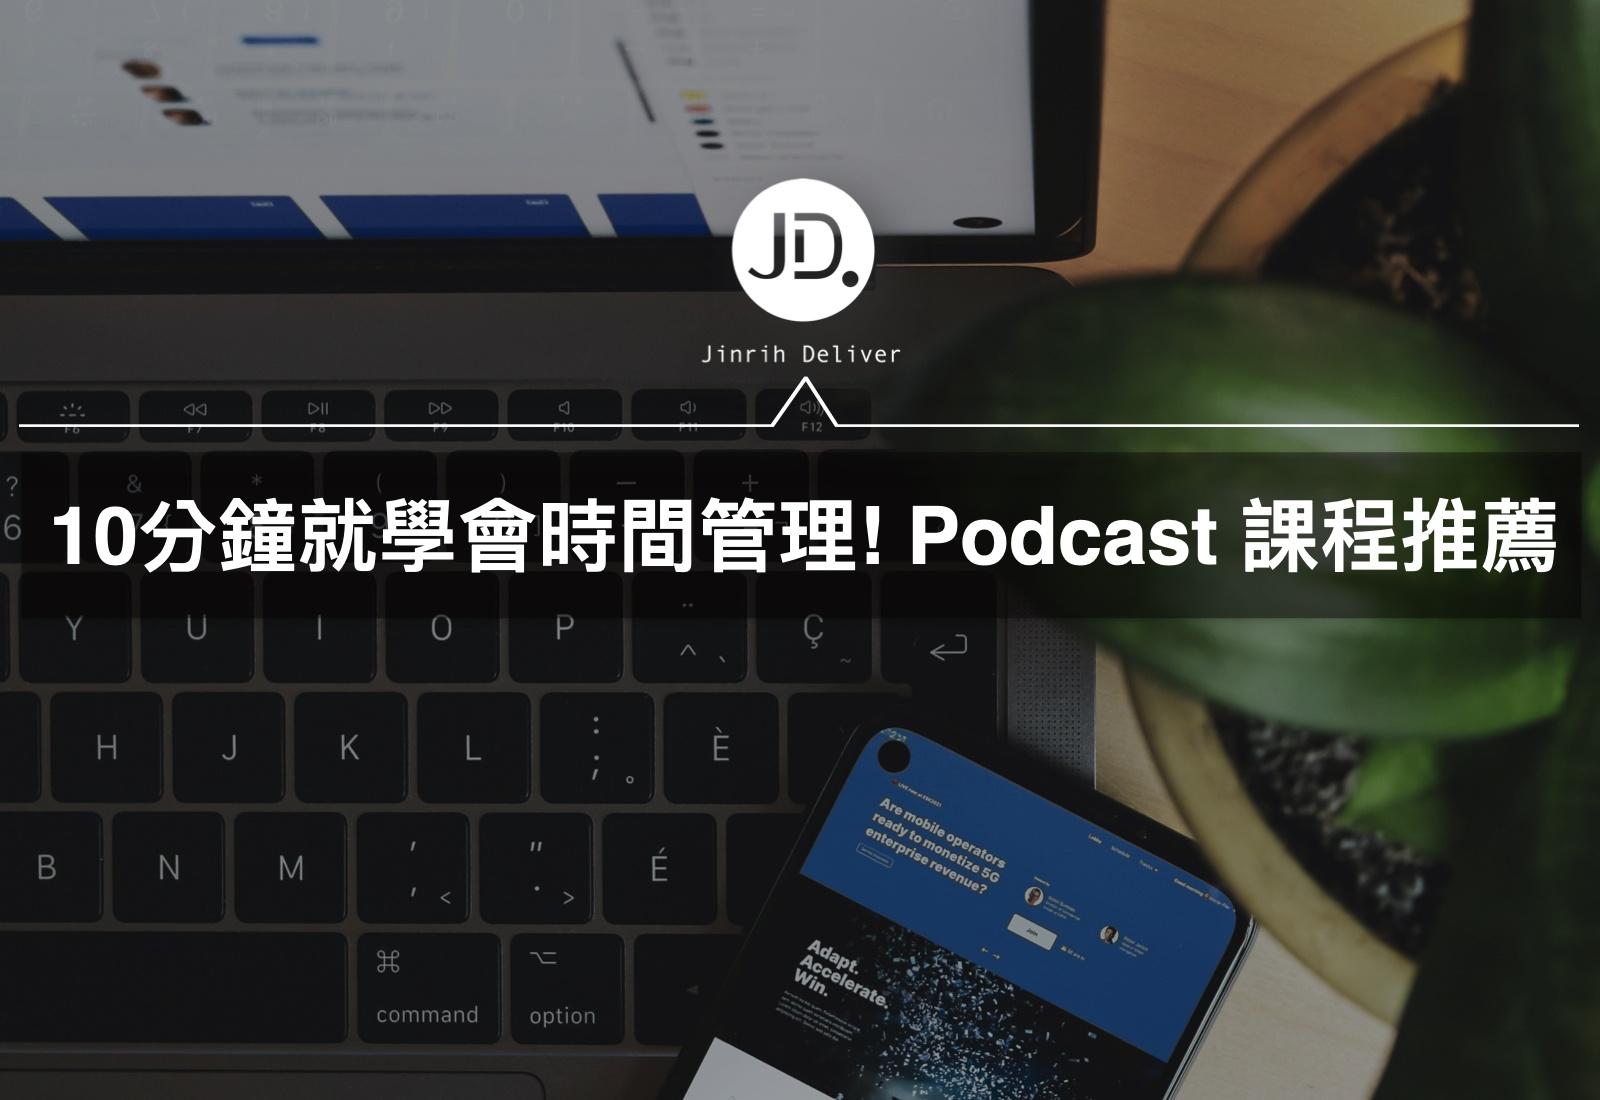 Podcast職場新鮮人必聽的3堂課!  2021最優質學習平台 Himalaya! 還有雙語、講義可以學習!